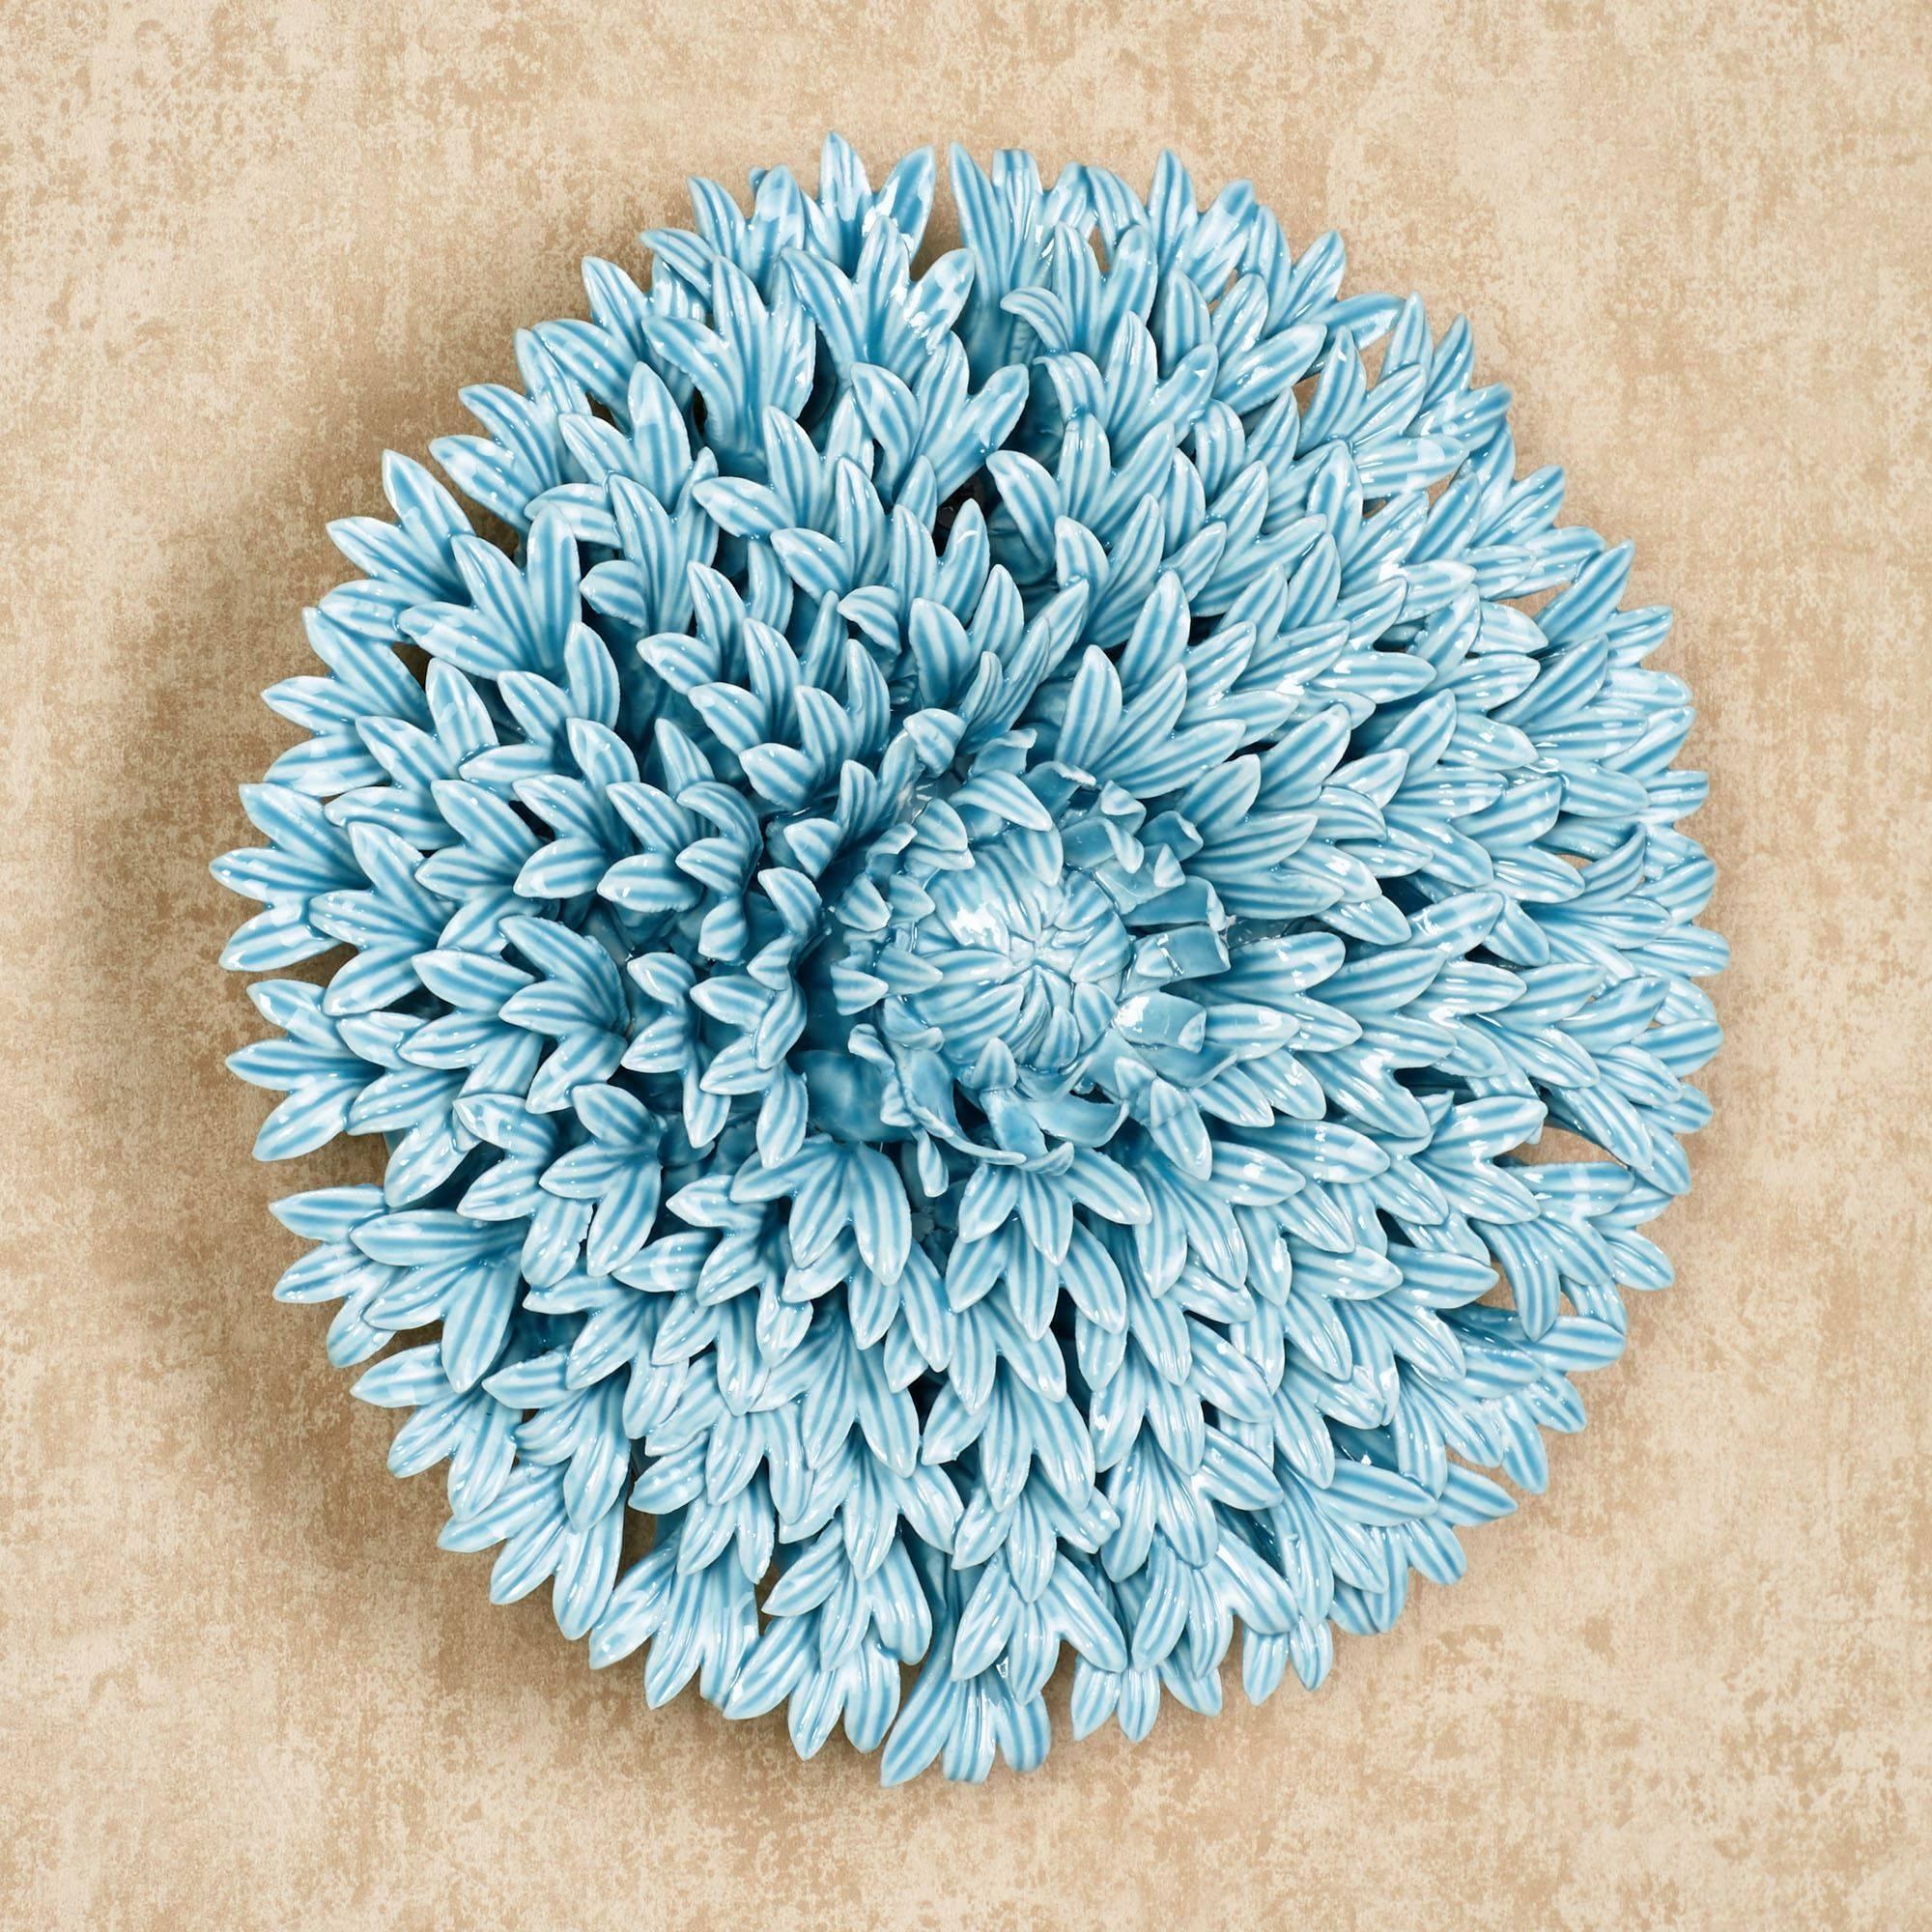 Blue Wall Art, Blue Porcelain Flower Wall Art Ceramic Flower Wall With Regard To 2018 Ceramic Flower Wall Art (View 12 of 30)